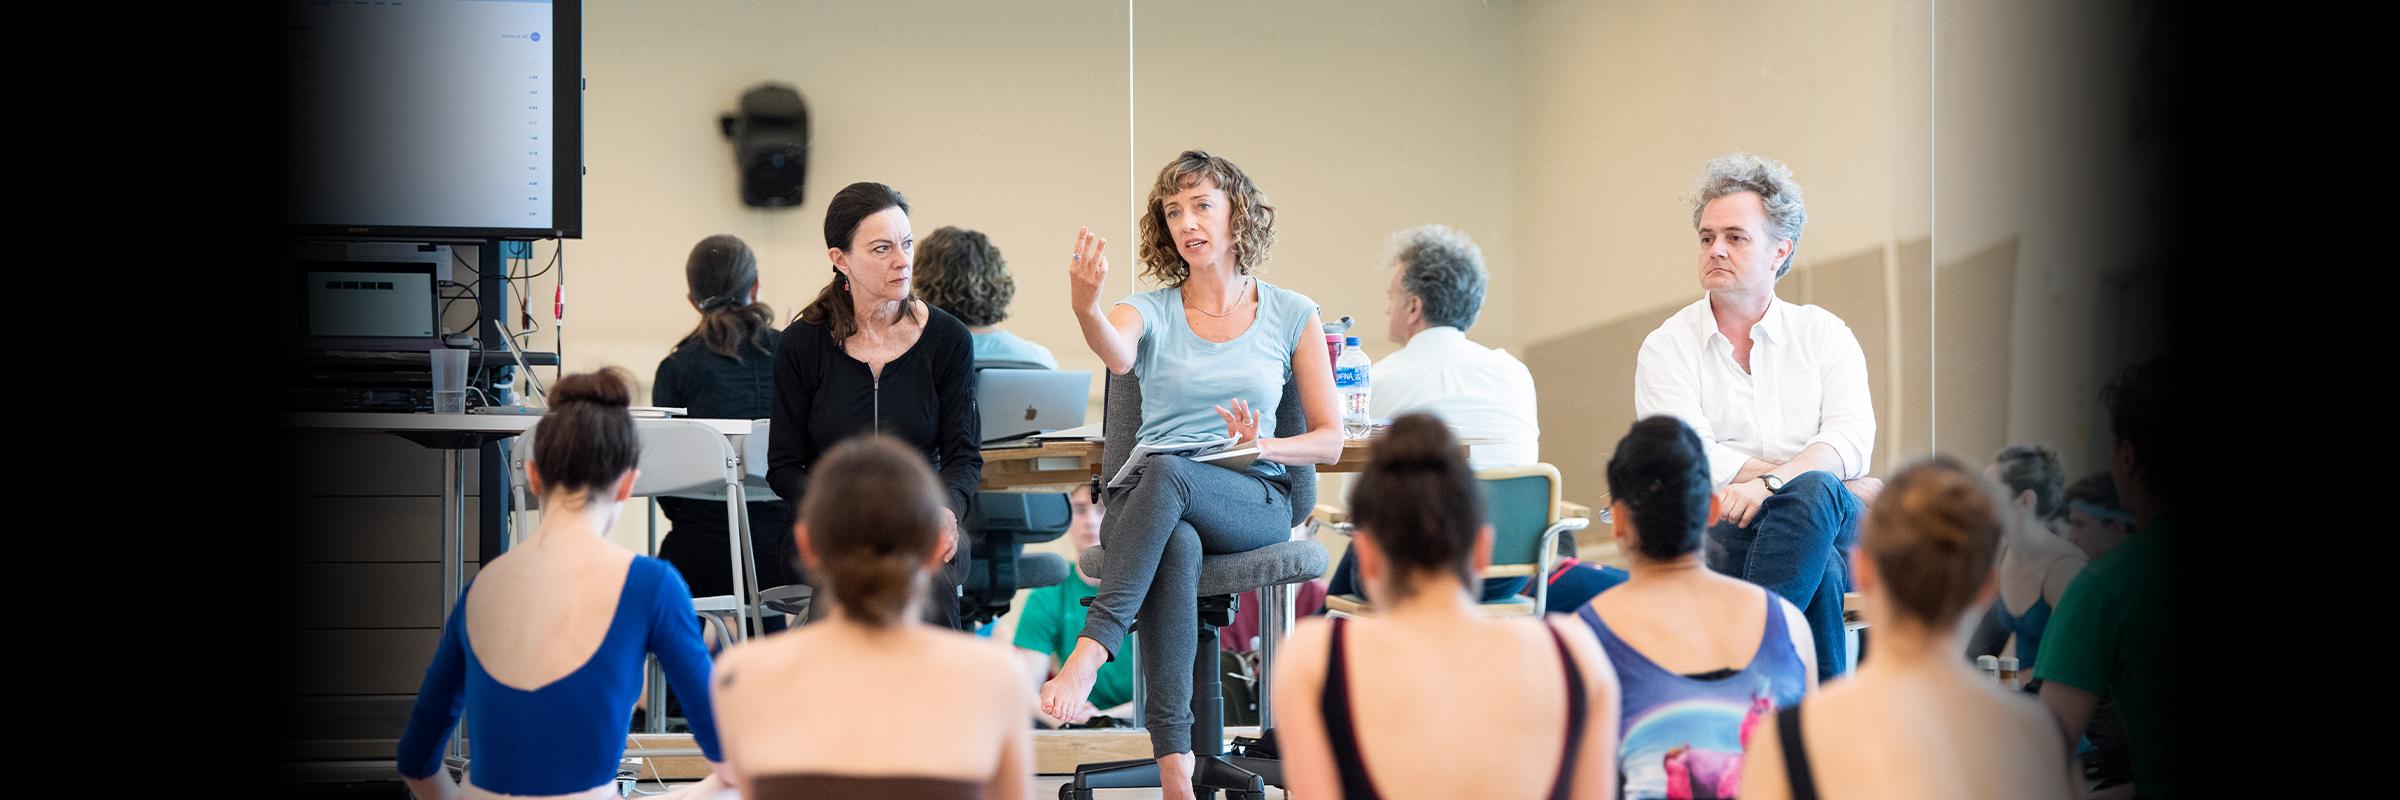 Rehearsal for Cathy Marston's new work // © Erik Tomasson